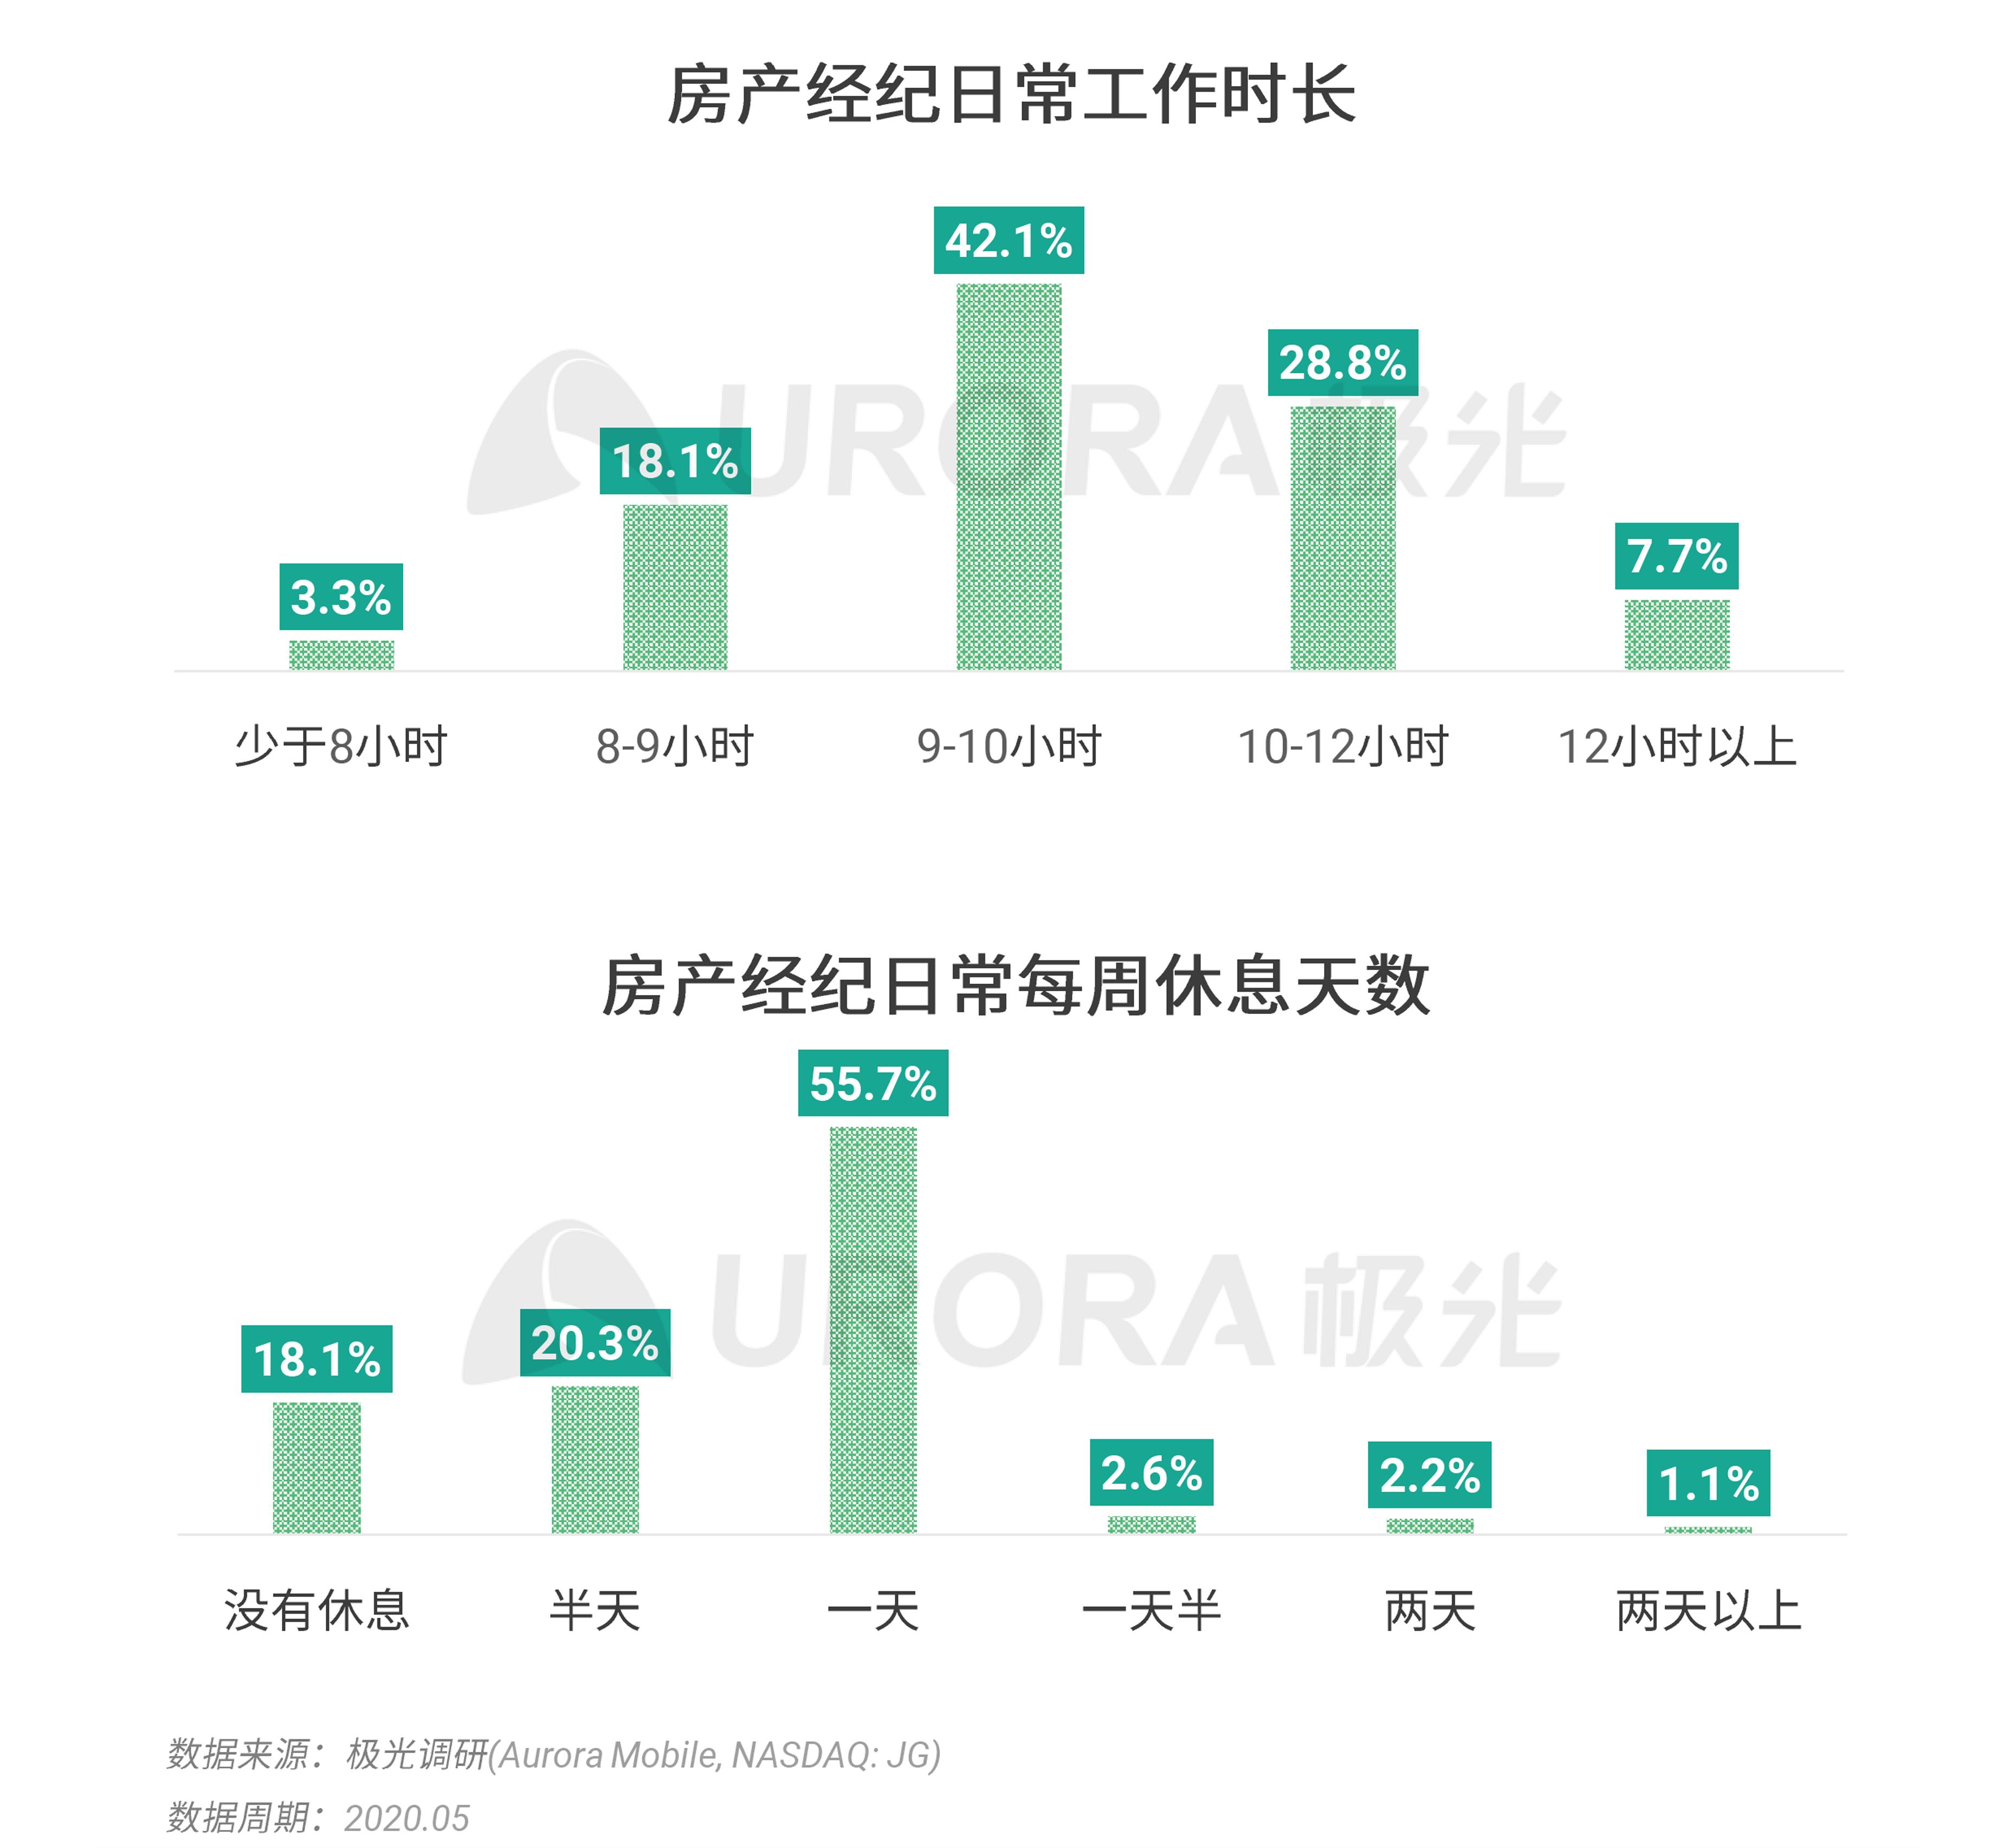 极光:2020年房产经纪行业和购房市场洞察报告 (18).png